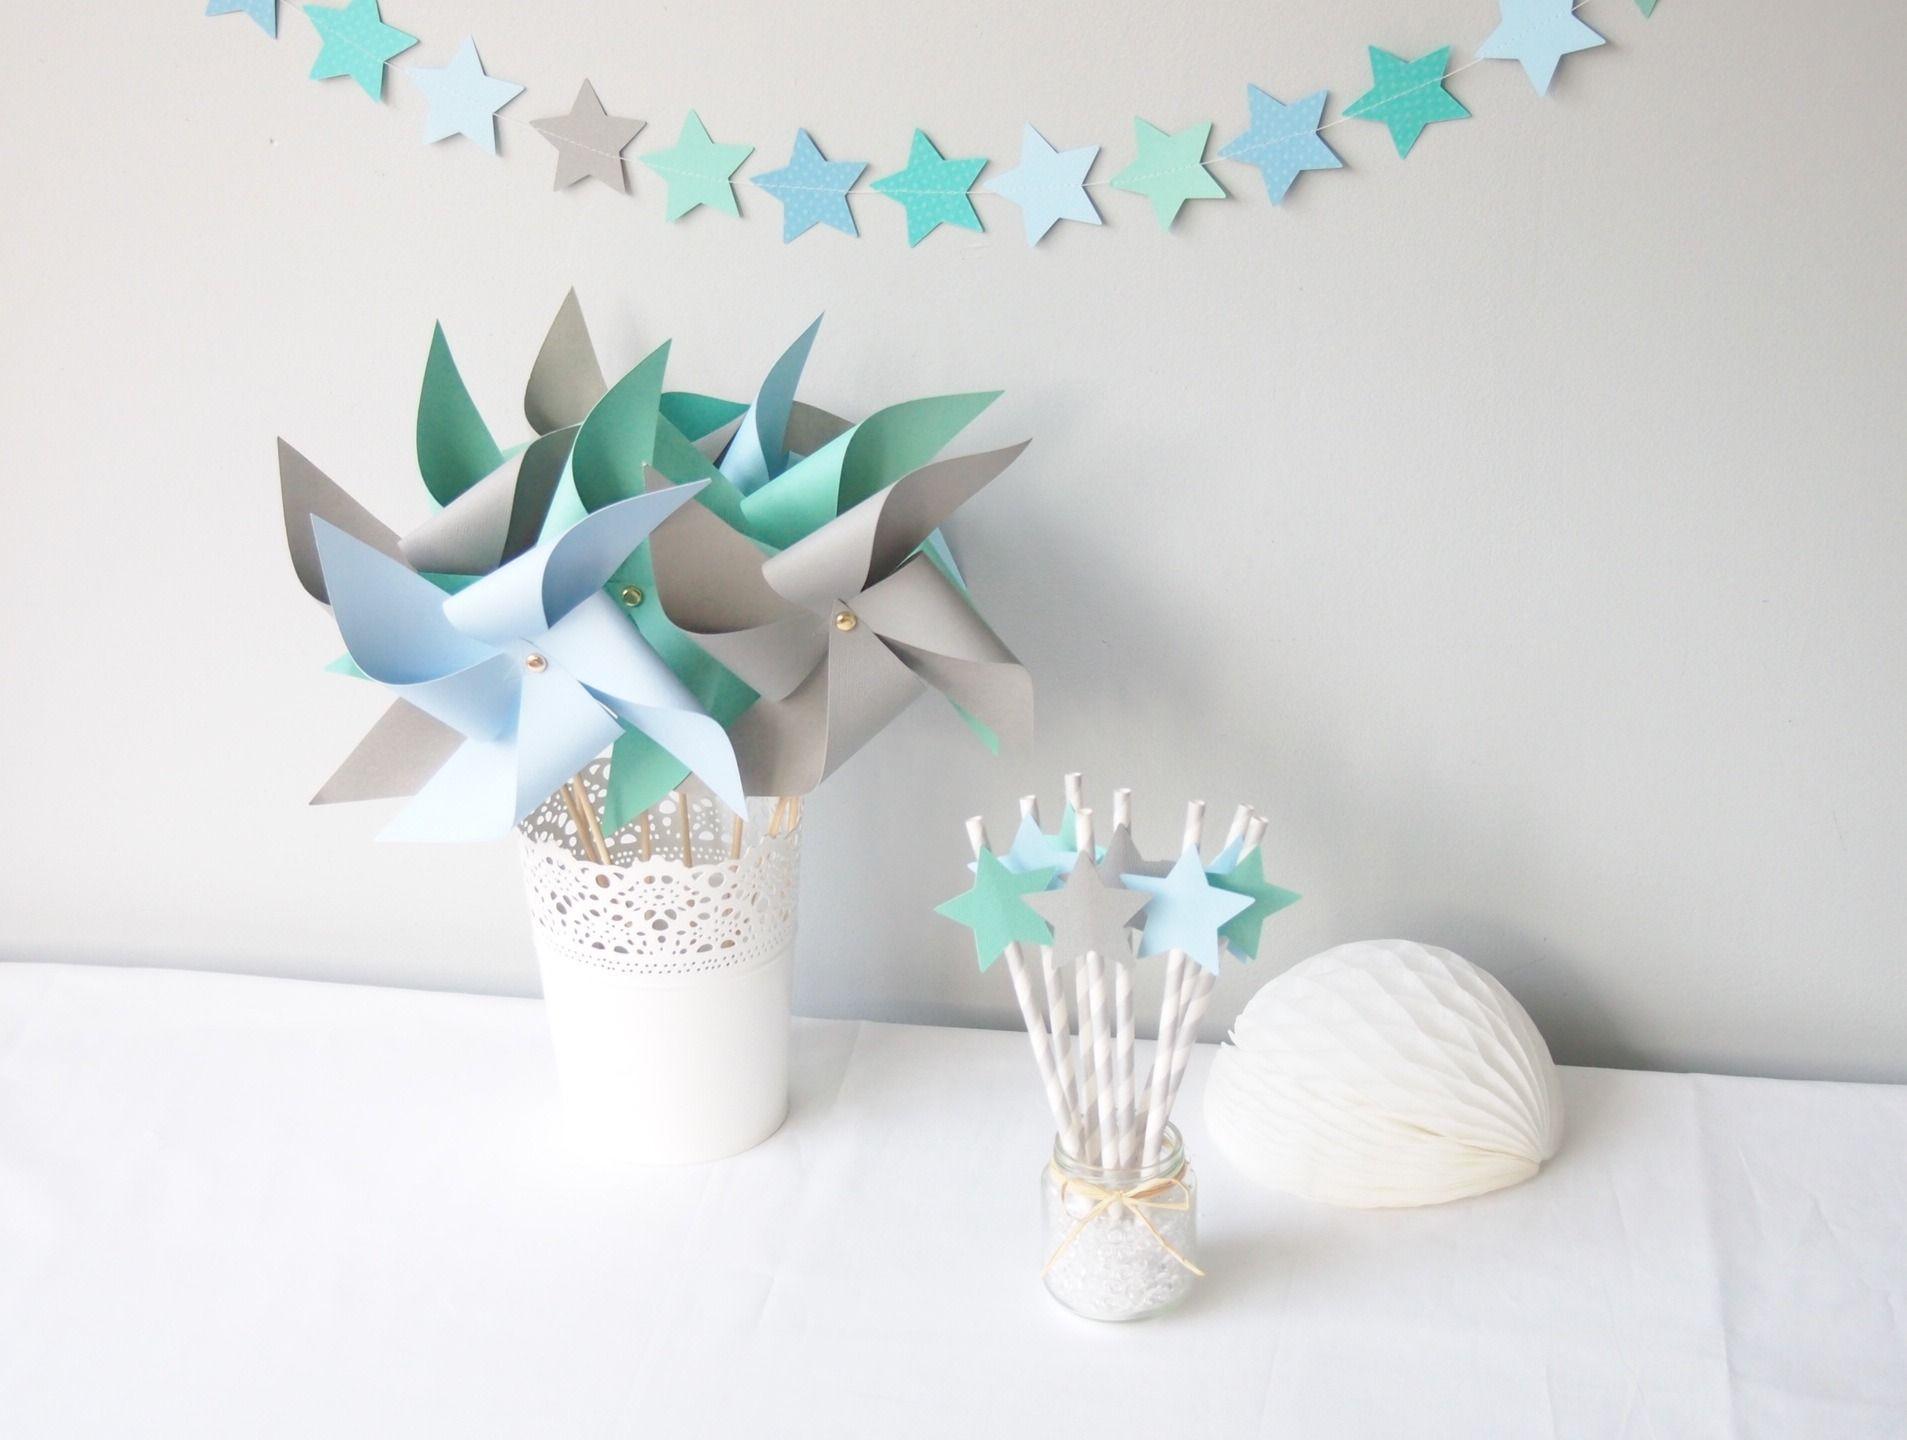 kit d coration toil bleu ciel gris et vert d 39 eau pour d coration bapt me anniversaire. Black Bedroom Furniture Sets. Home Design Ideas